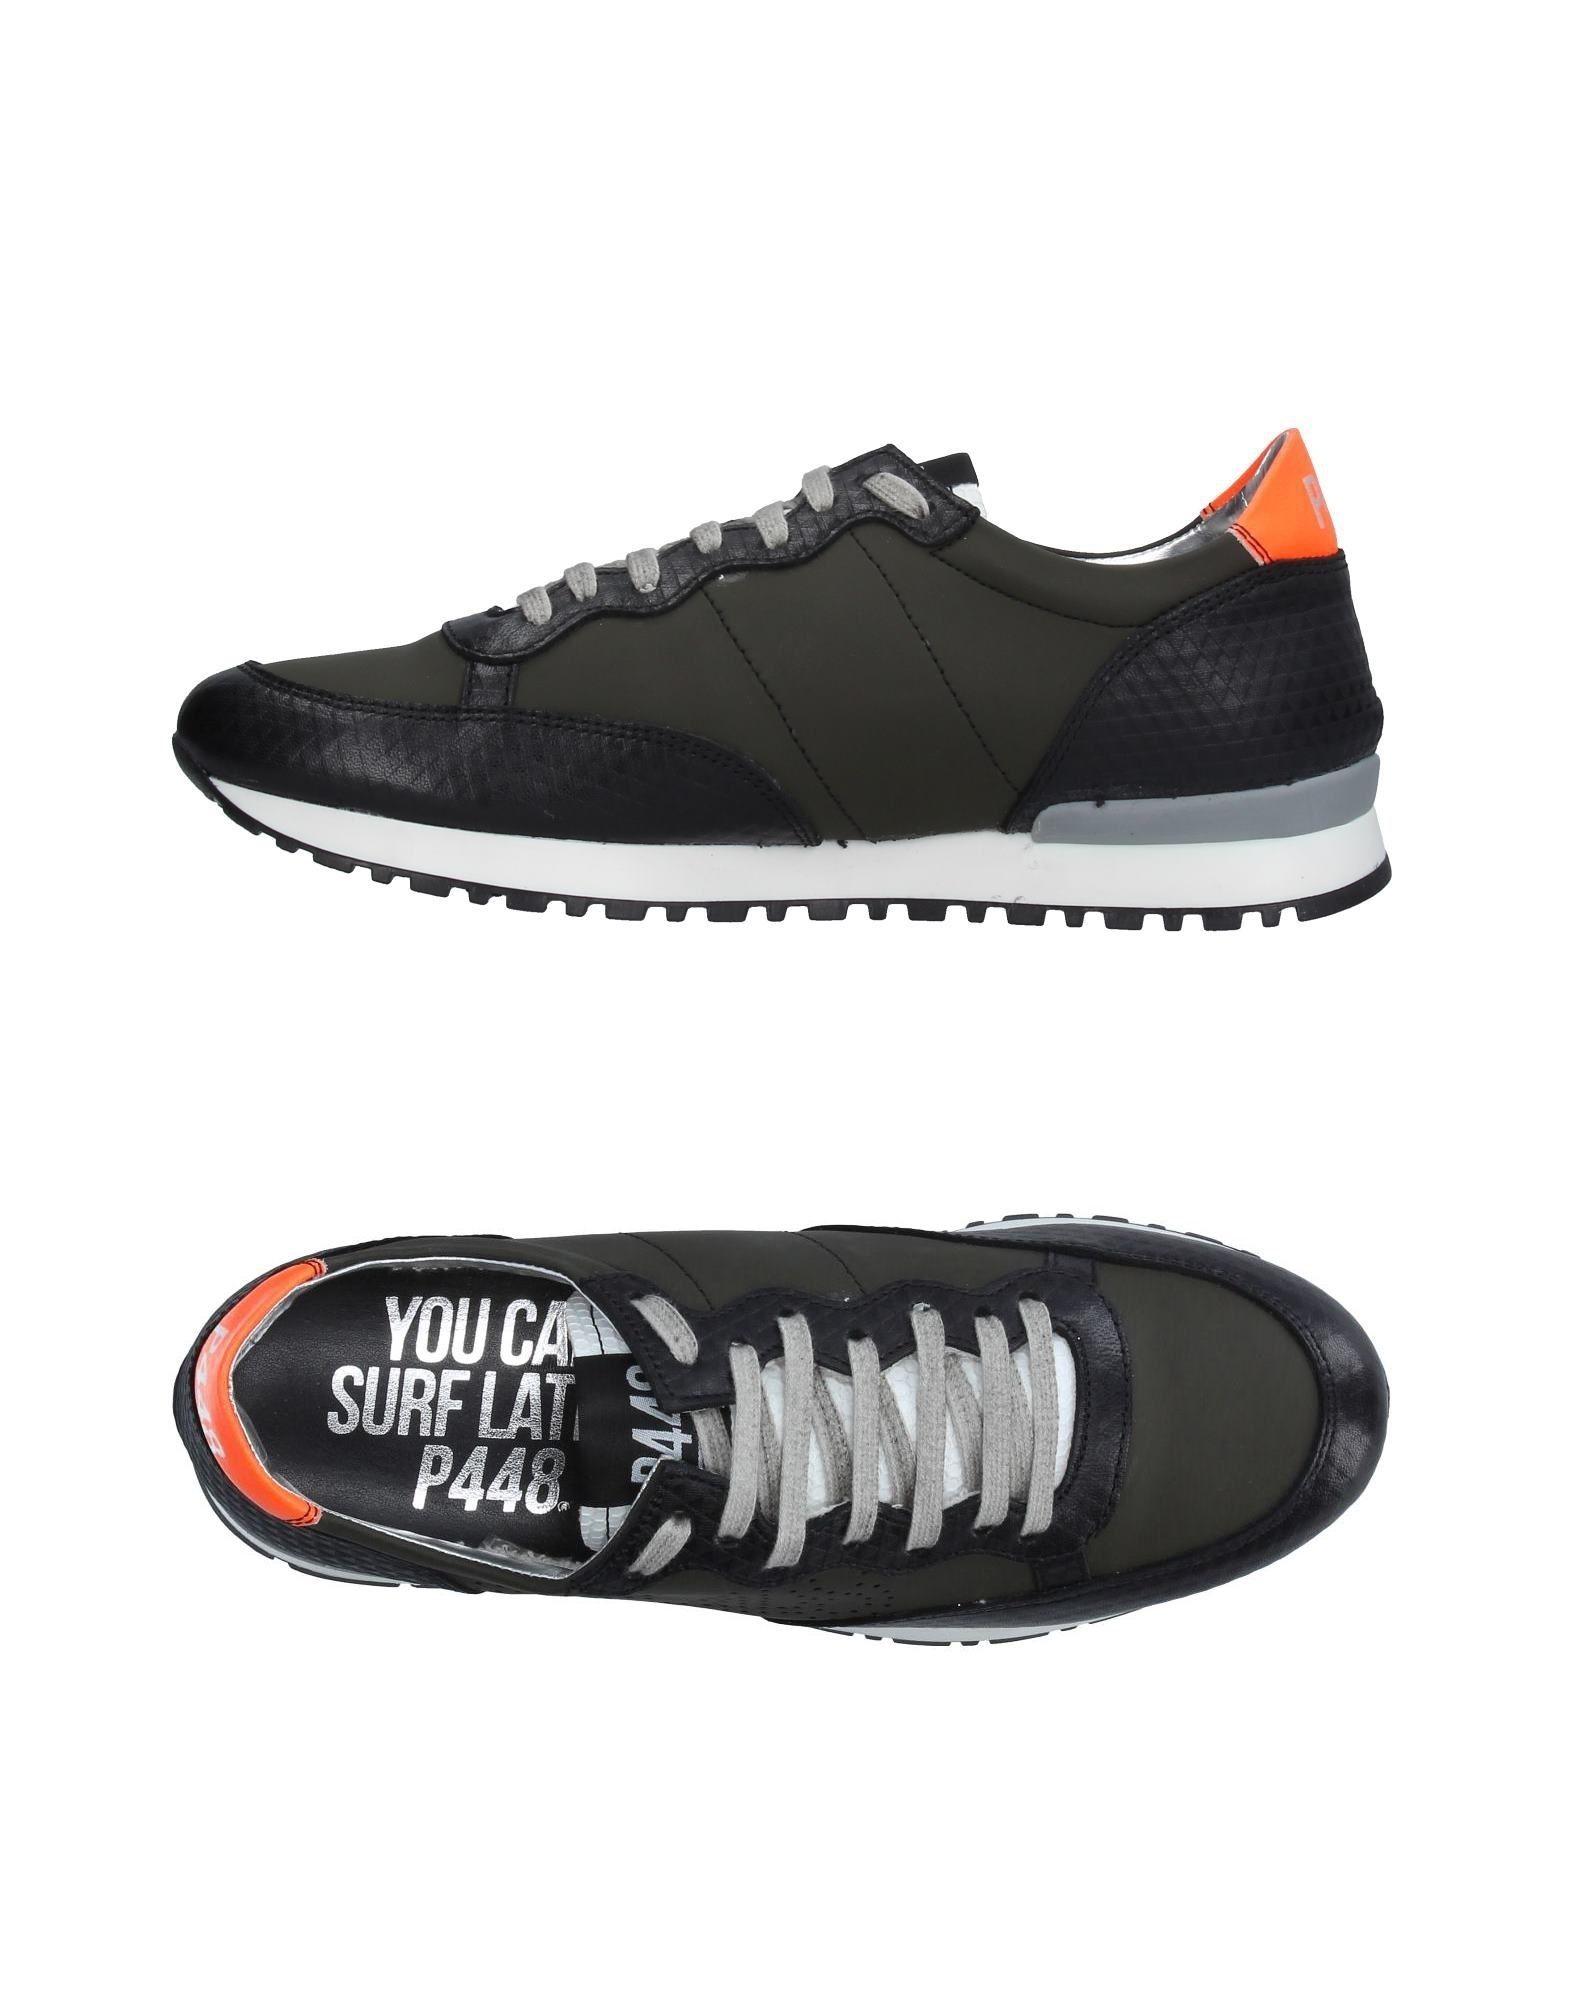 Rabatt Herren echte Schuhe P448 Sneakers Herren Rabatt  11222606VI 012fbd